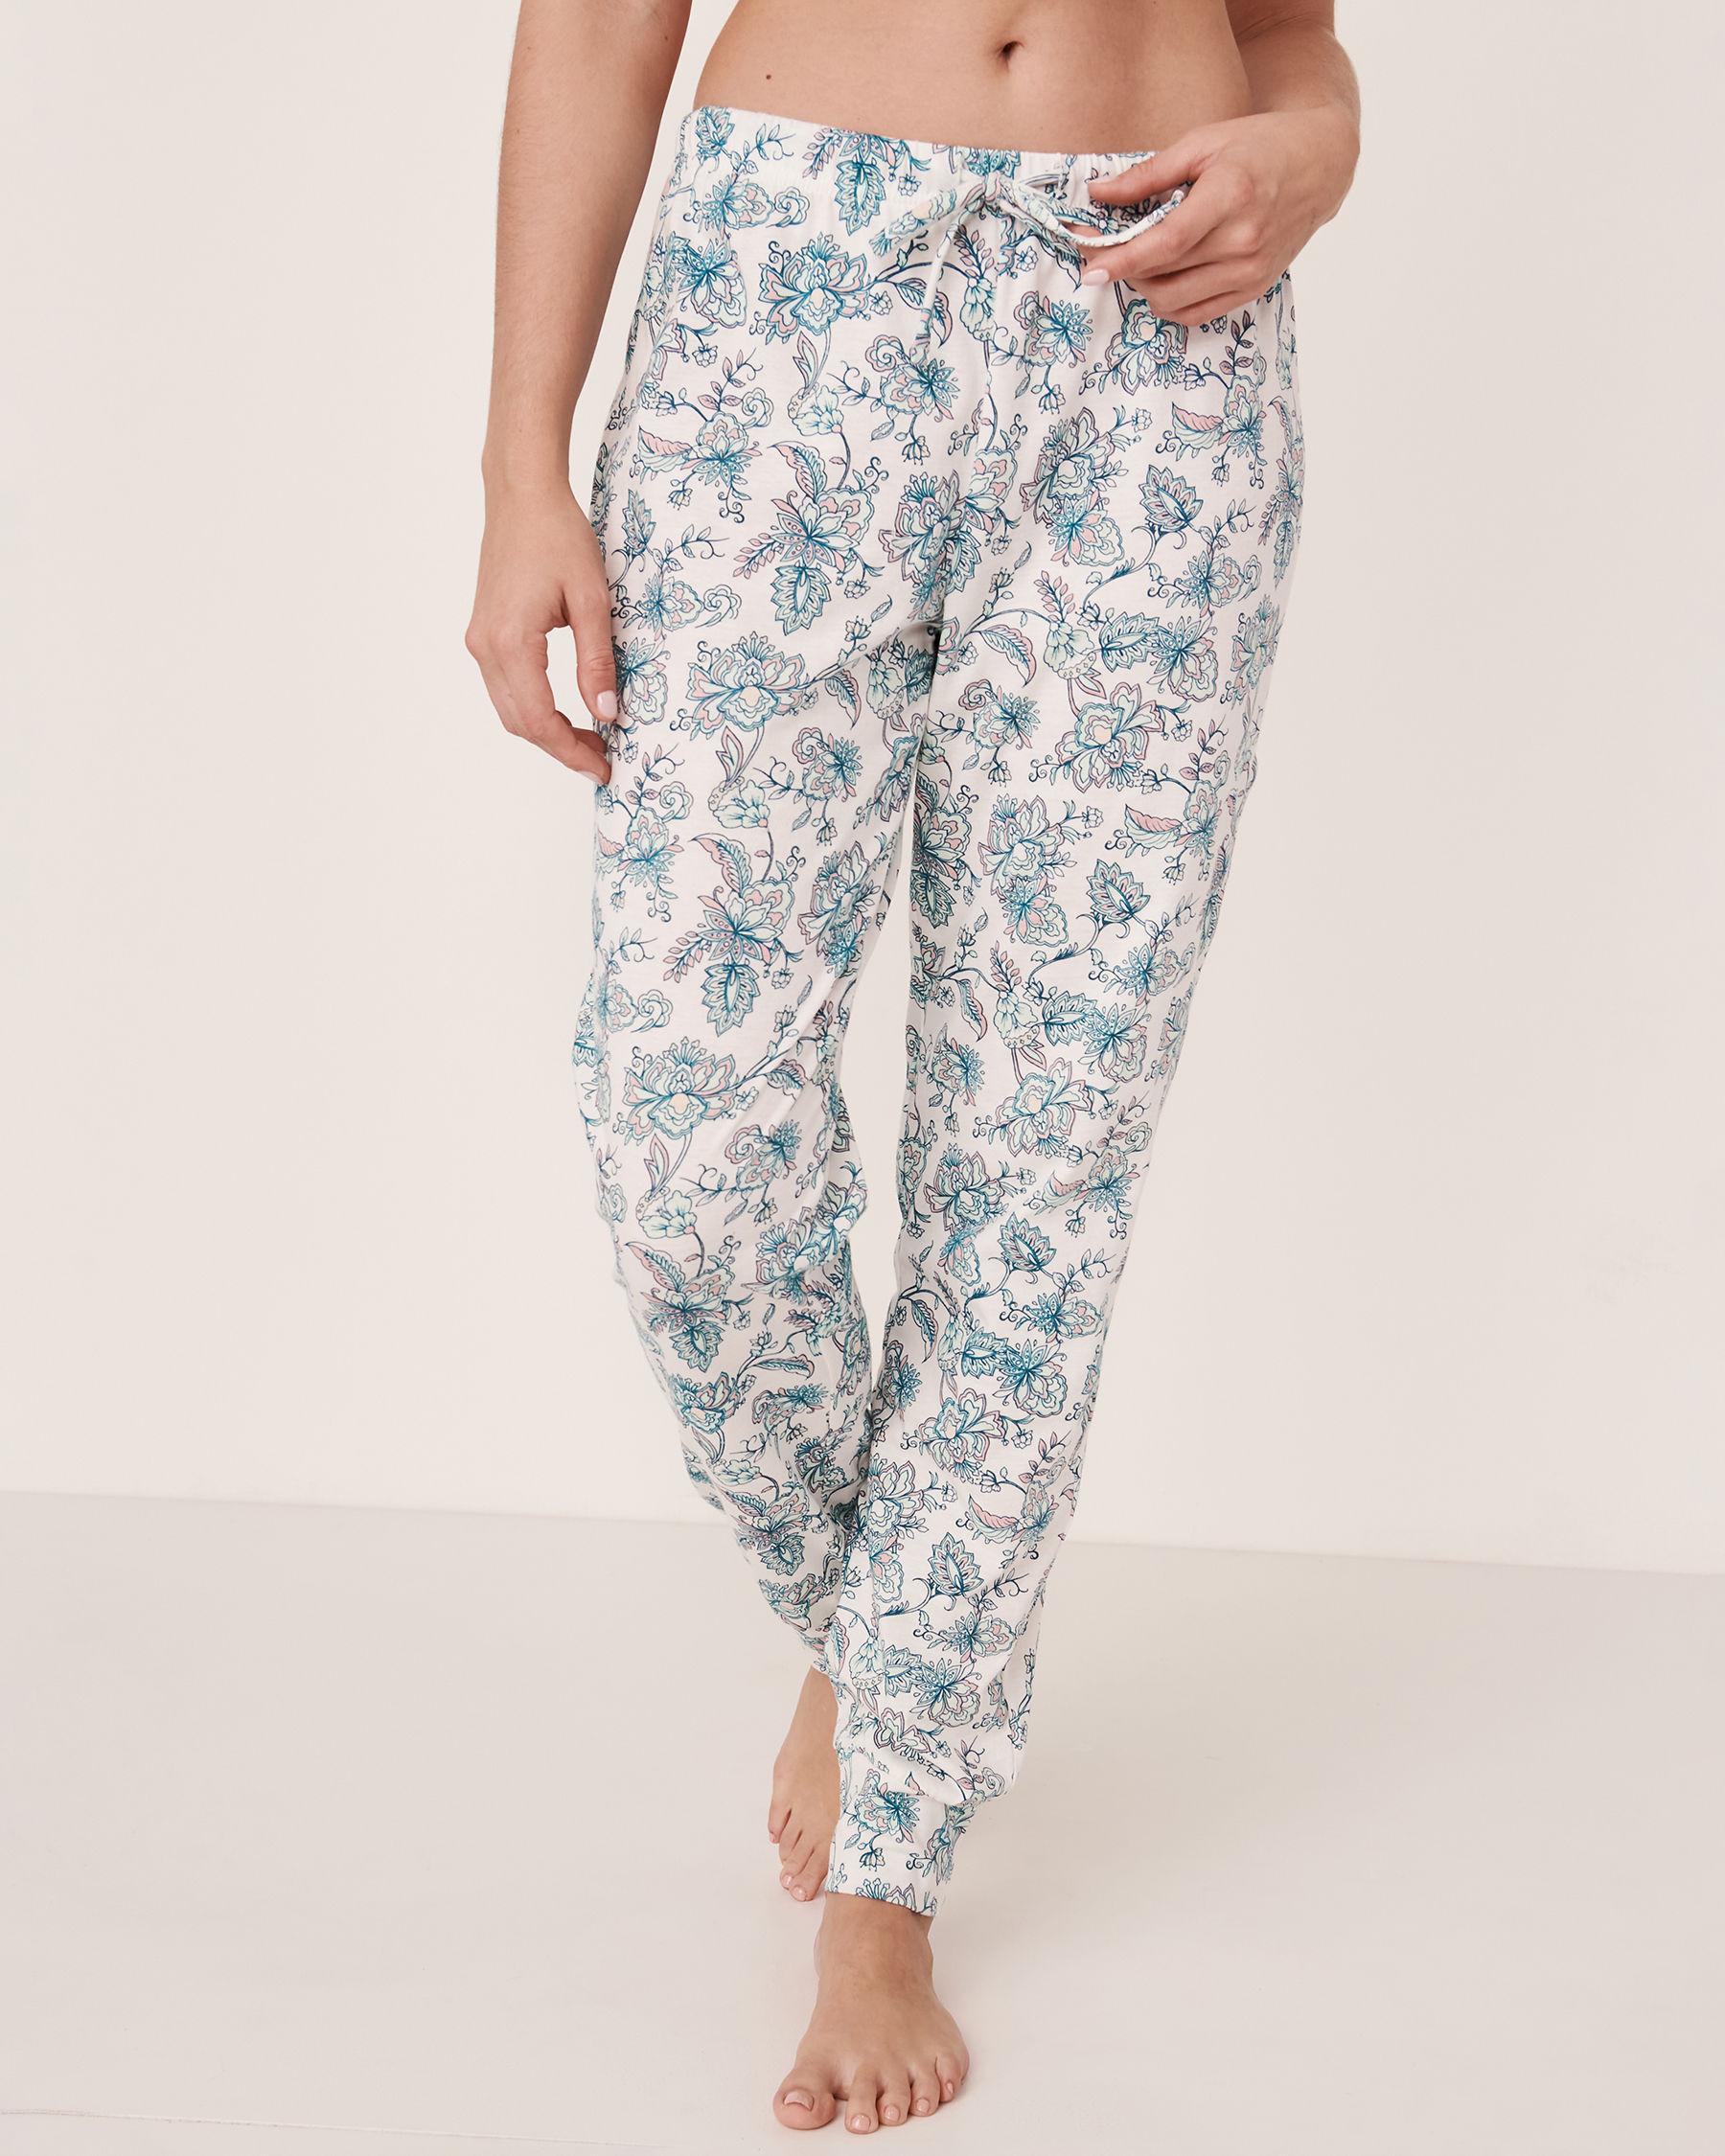 LA VIE EN ROSE Fitted Pyjama Pant Flowers 40200167 - View1